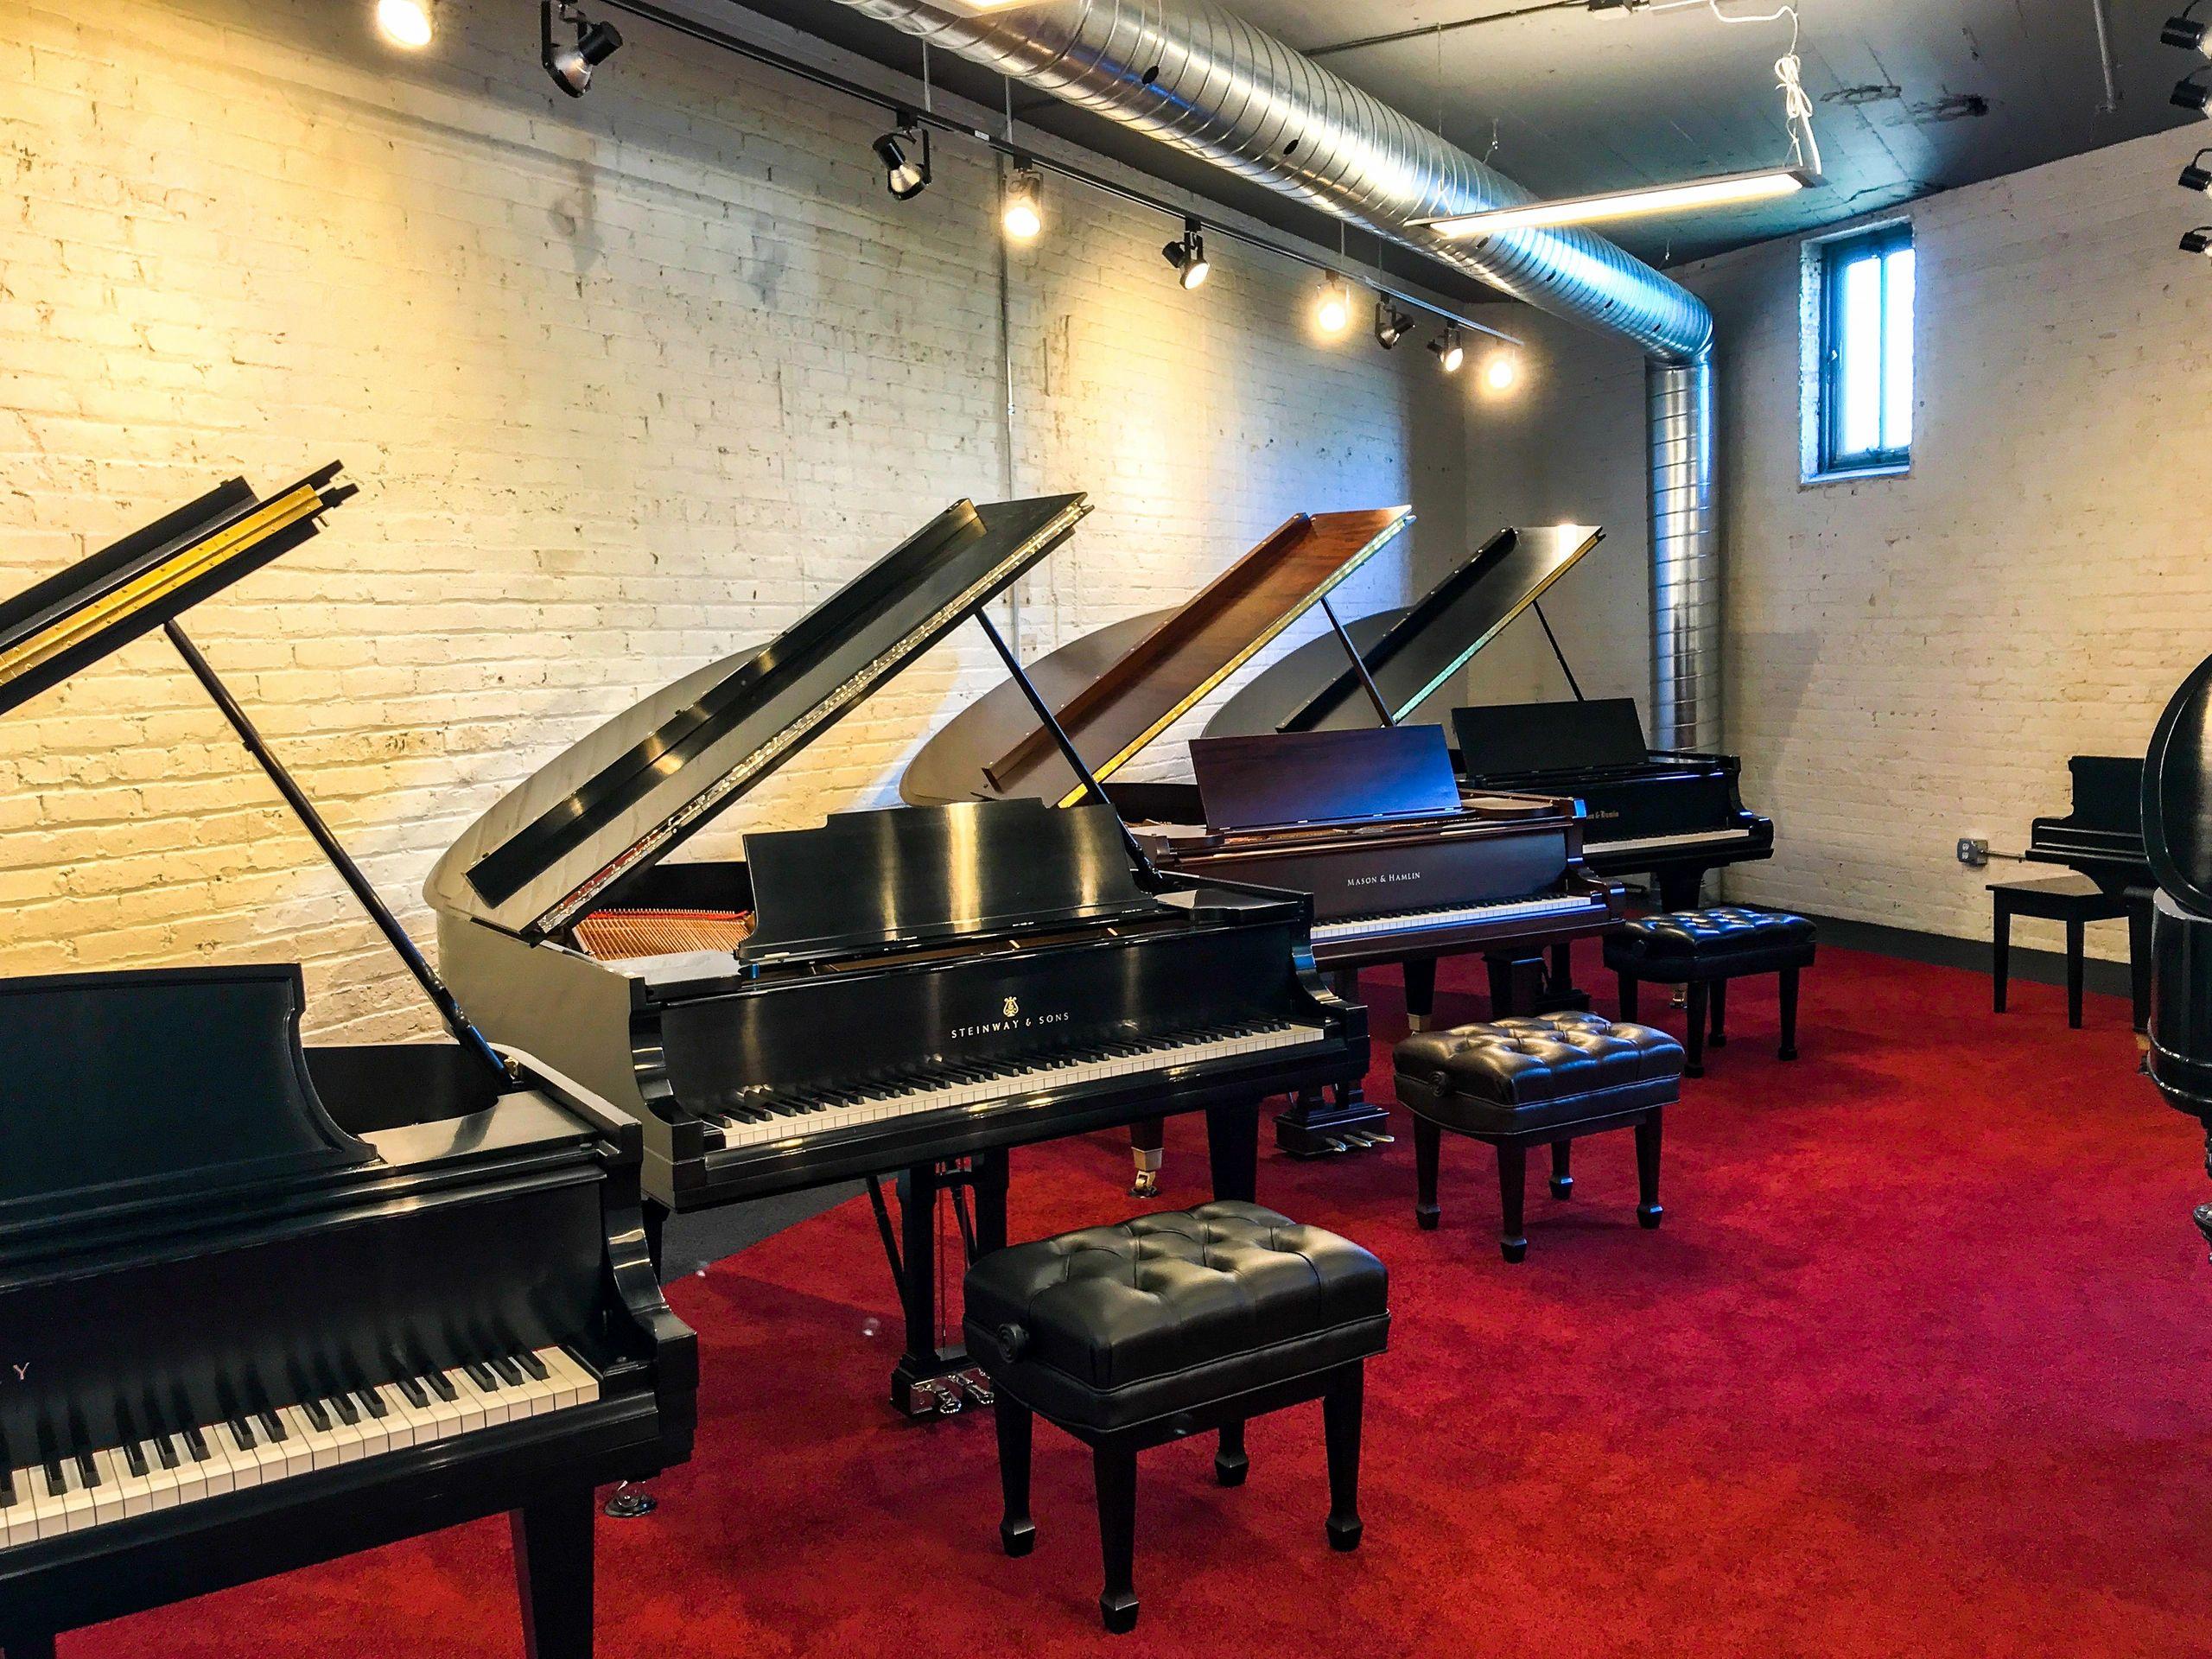 Premier Piano Service - World Class Piano Restoration, Piano